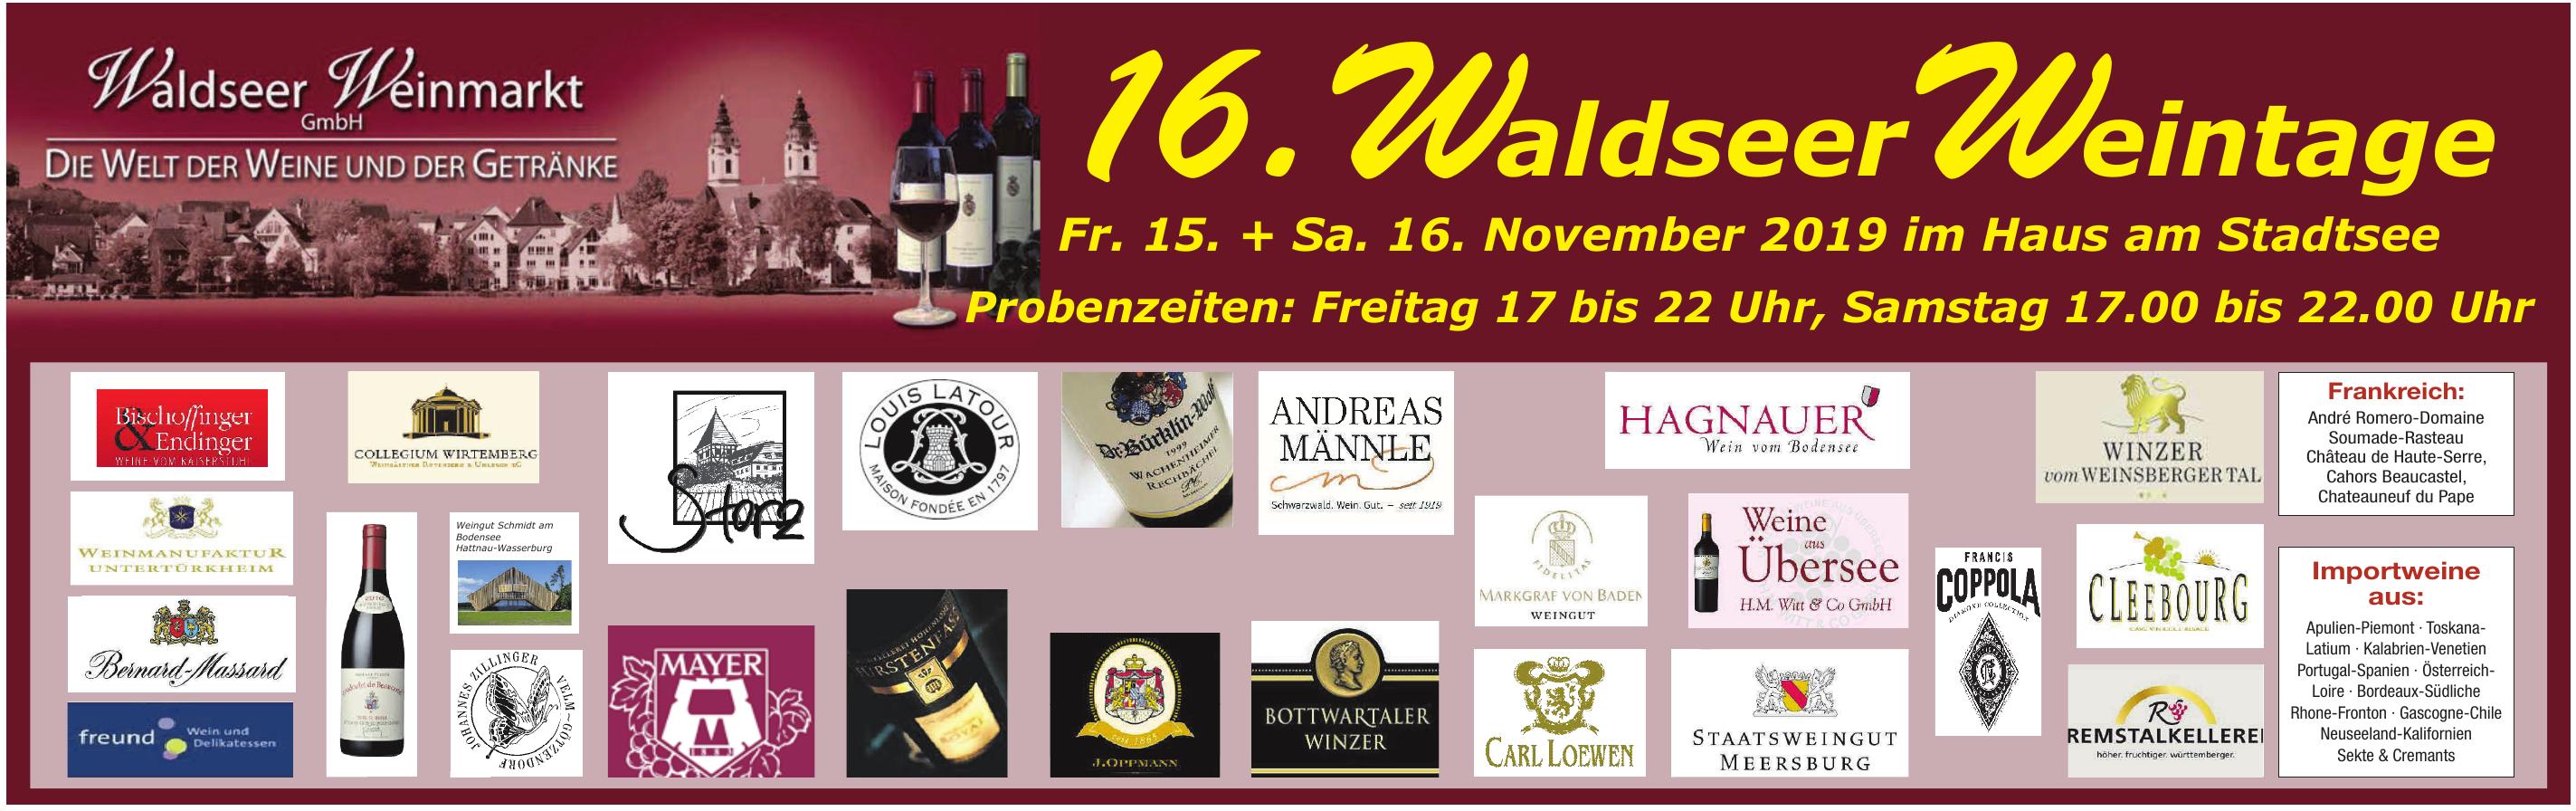 16. Waldseer Weintage